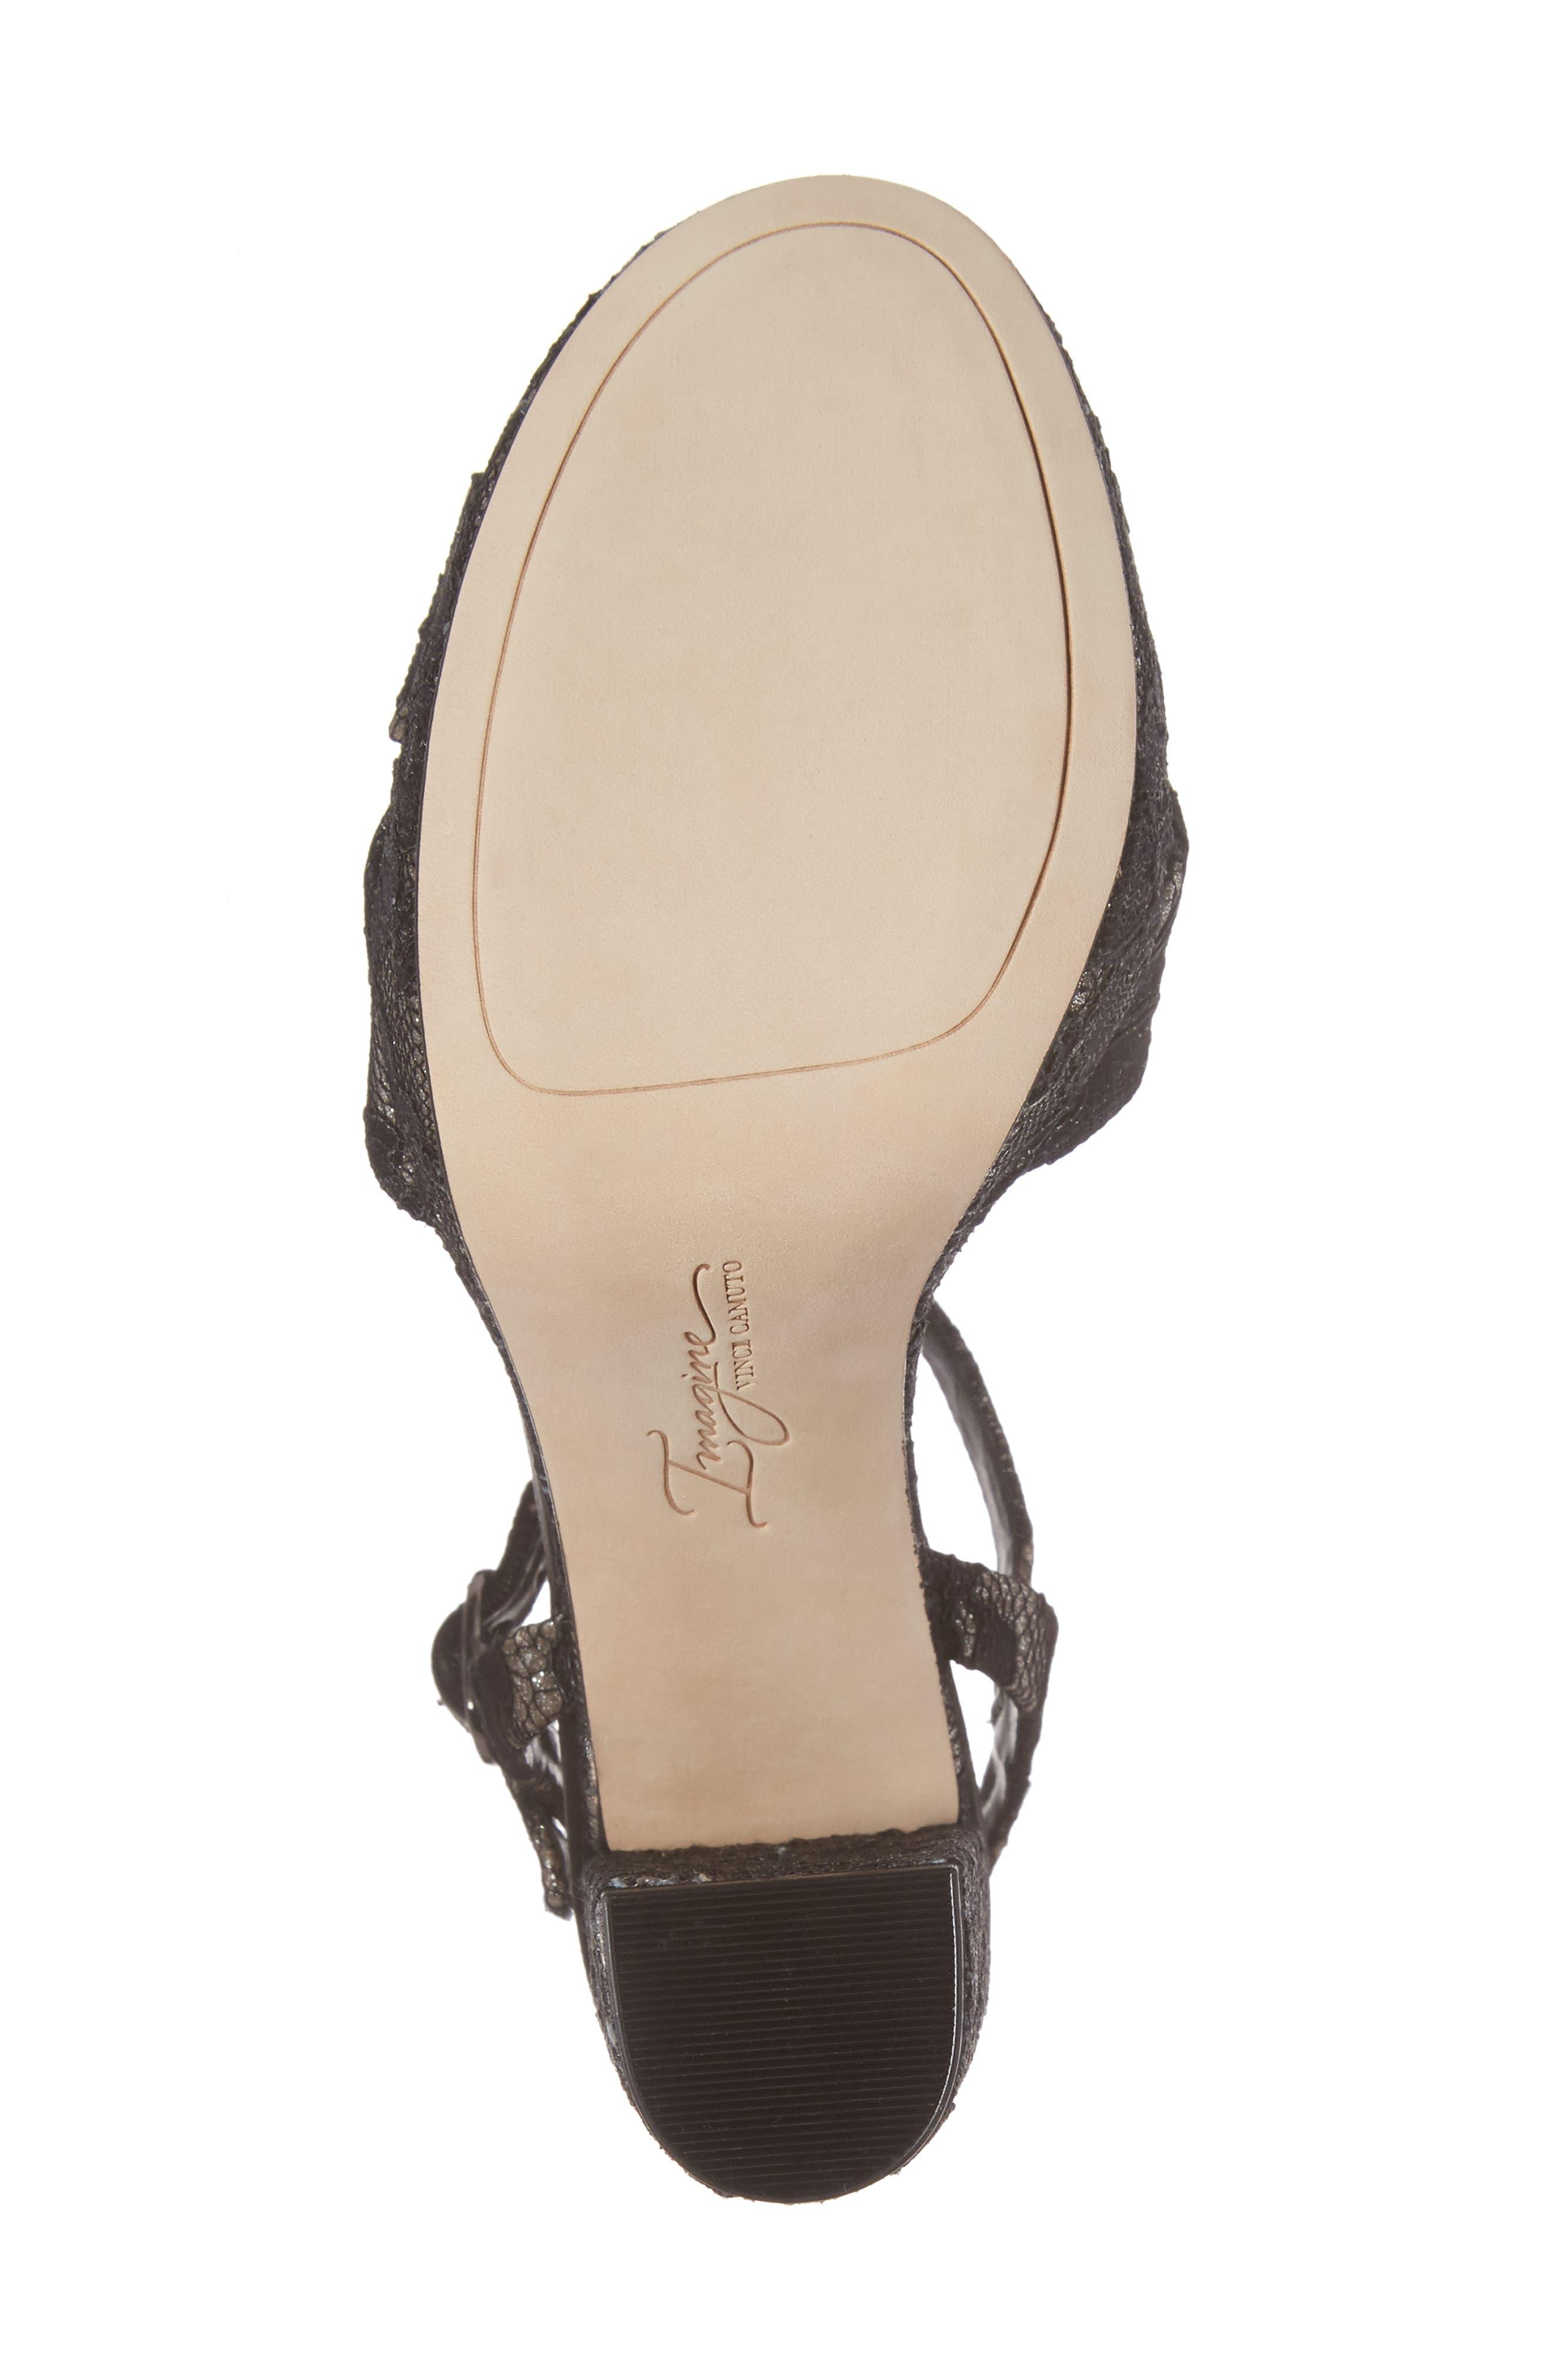 'Valora' Platform Sandal,                             Alternate thumbnail 6, color,                             002